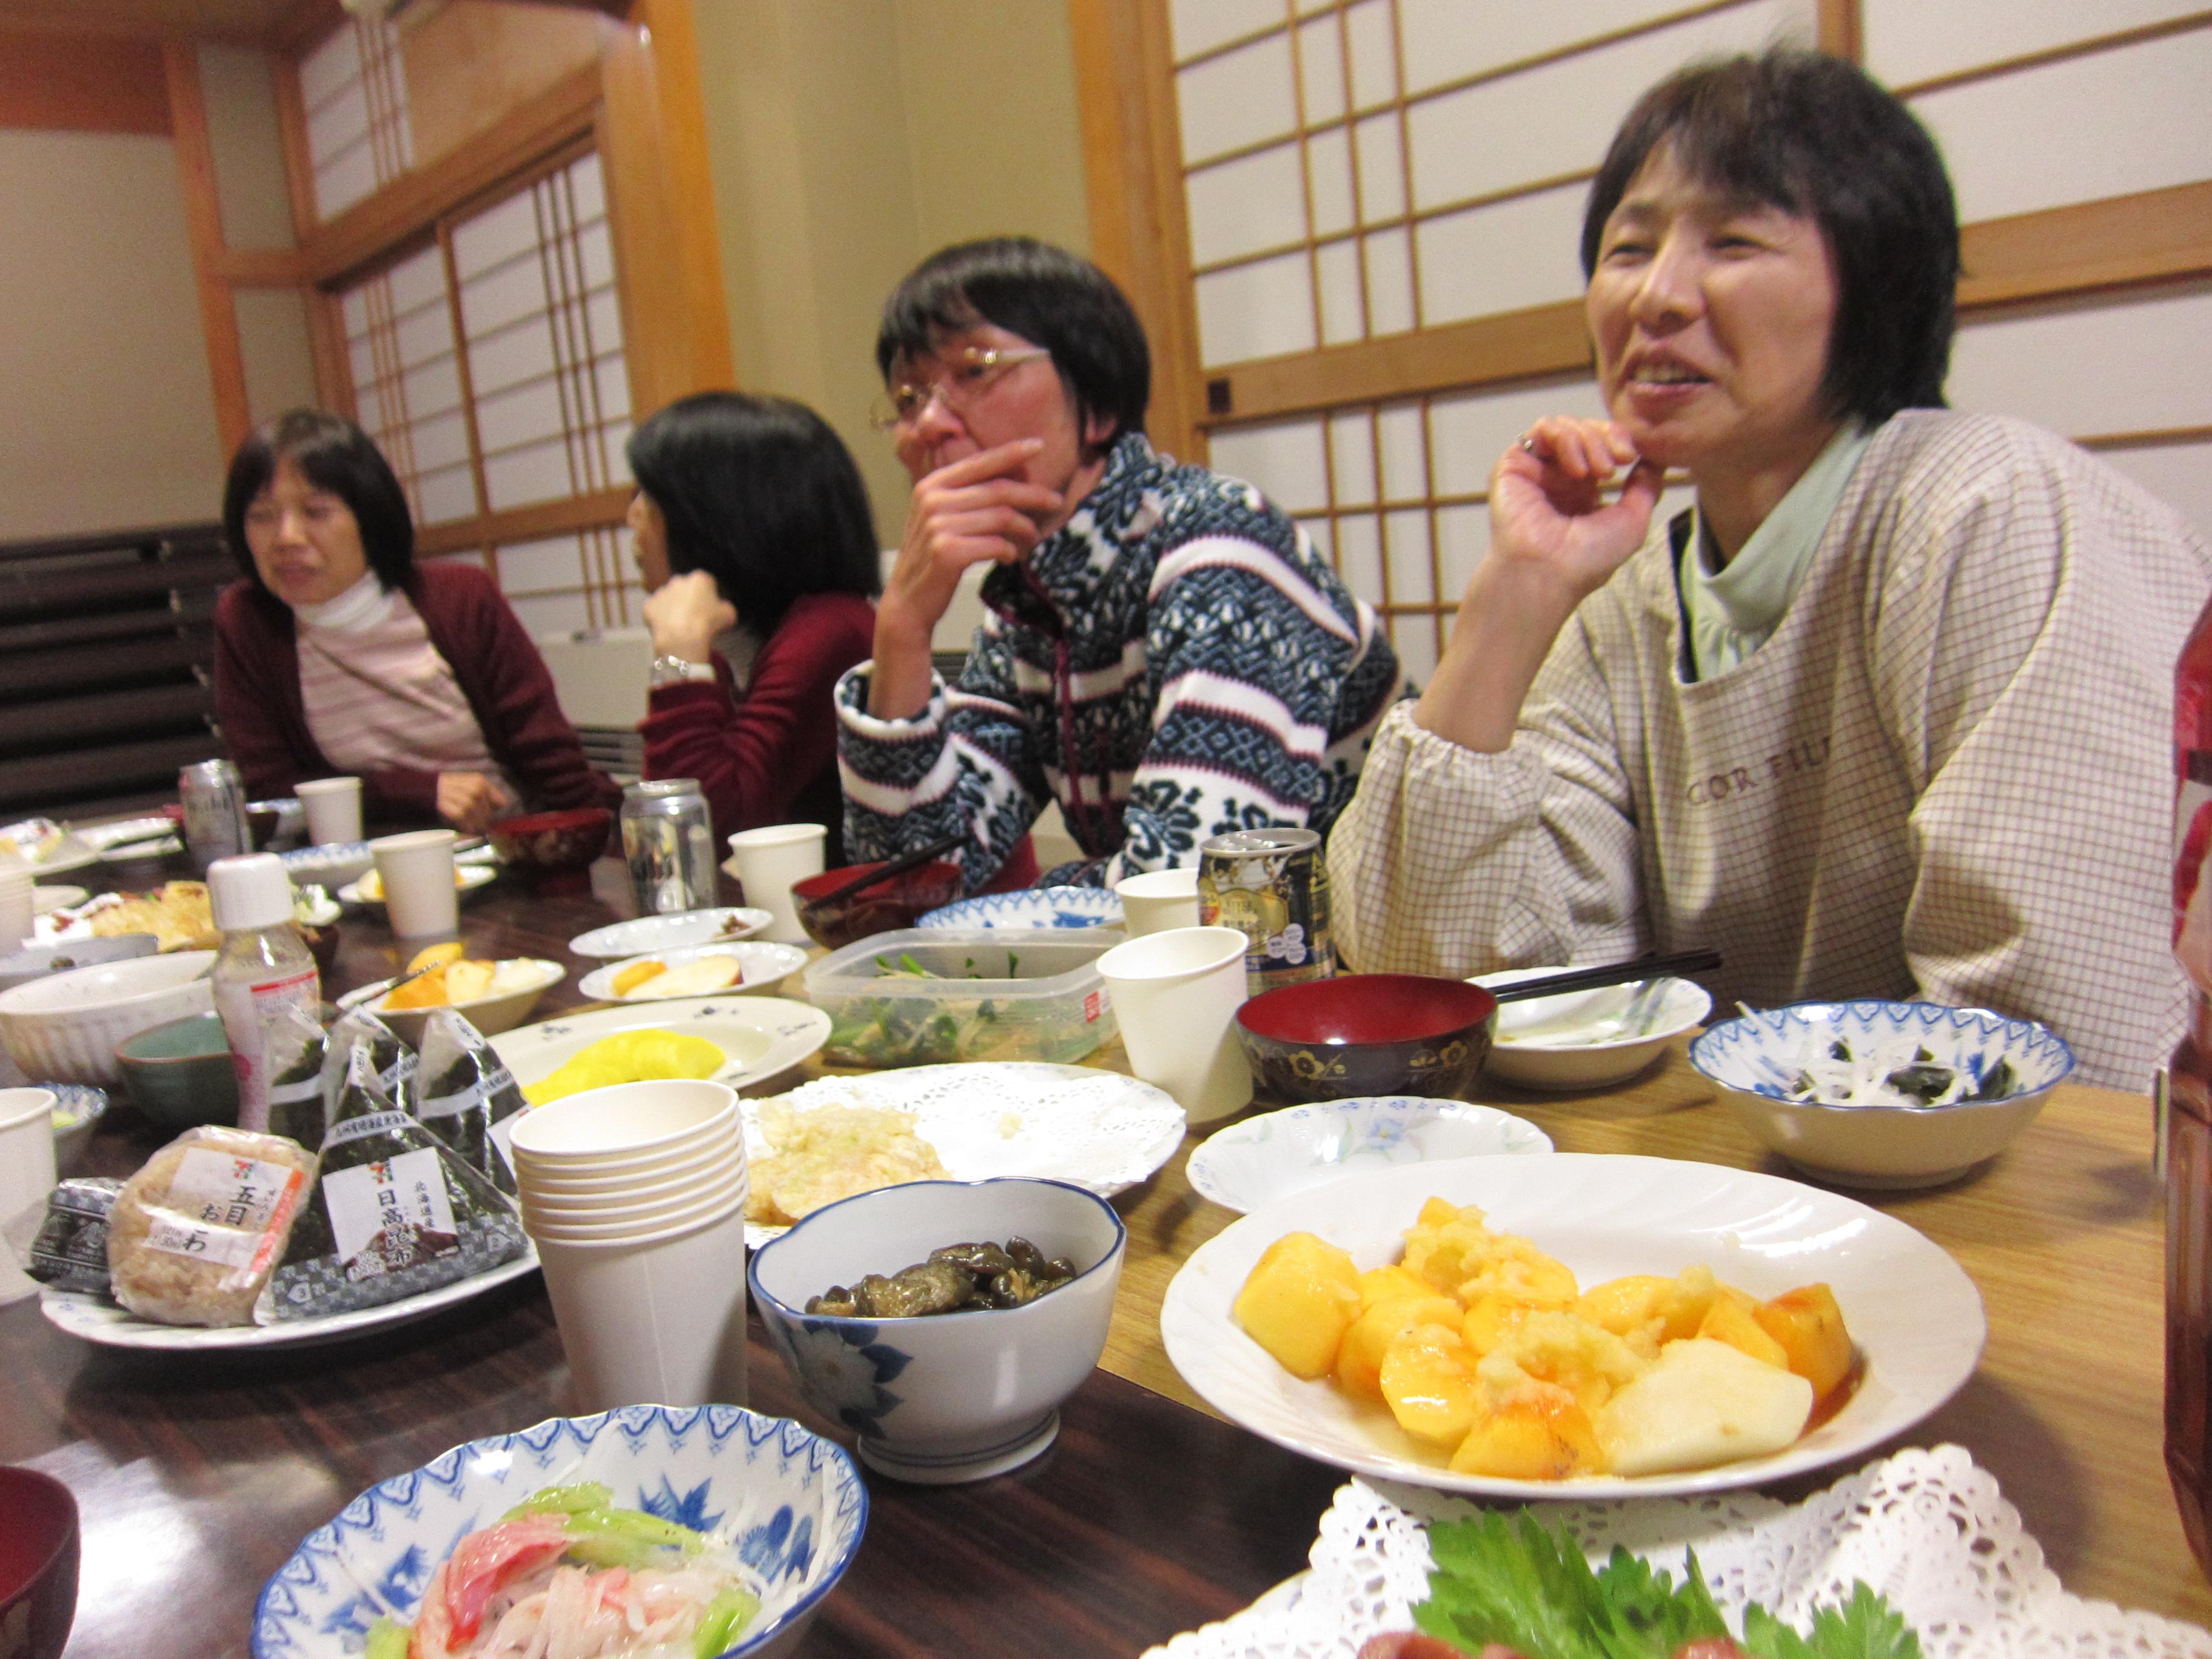 いちごクラブ芋煮会(白椿地区公民館):画像